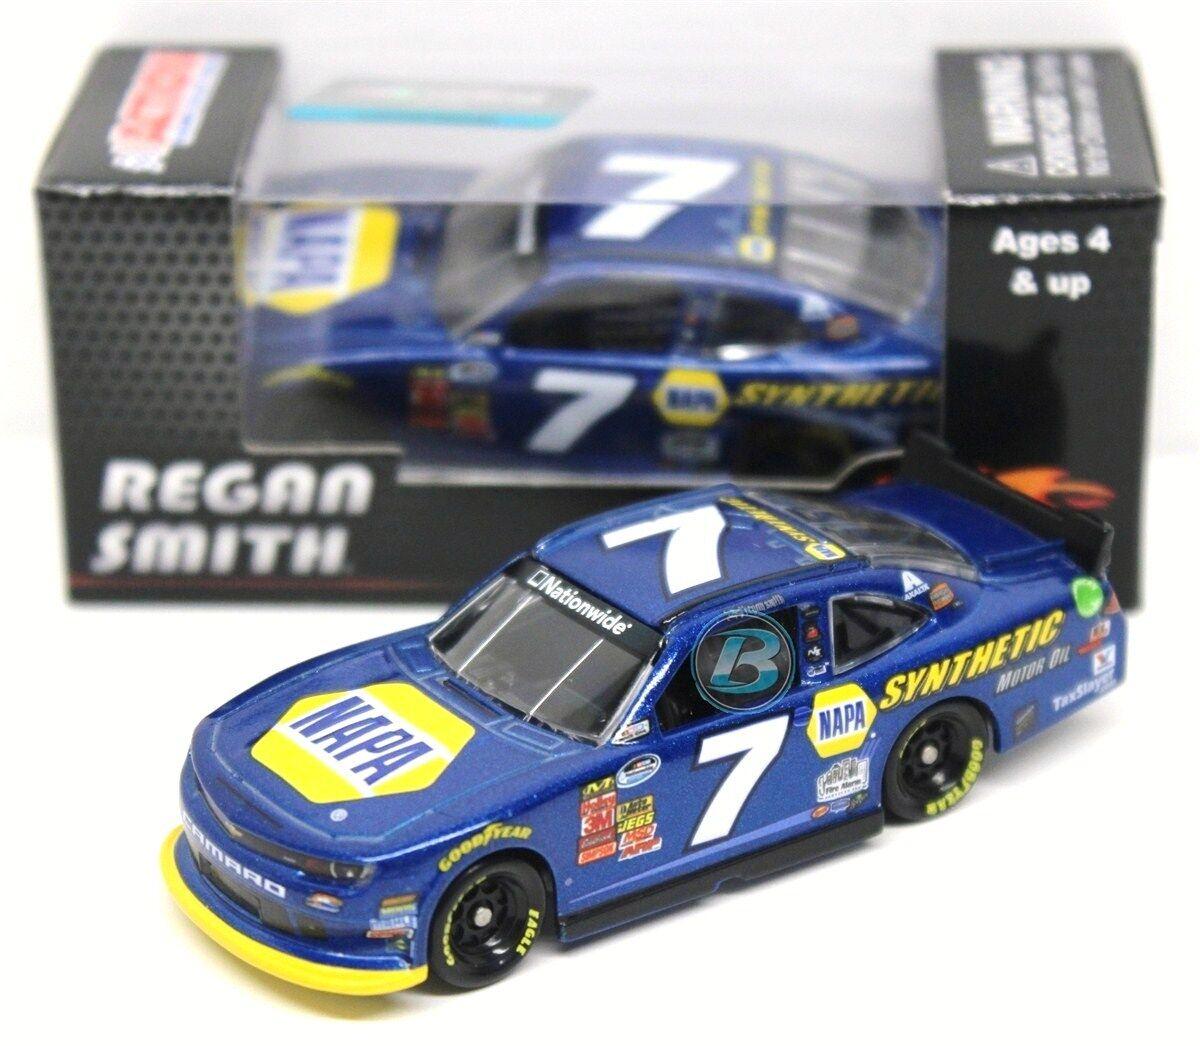 Regan Smith 2014 ACTION 1 64 Napa Synthetic Chevy Camaro Nationwide Diecast